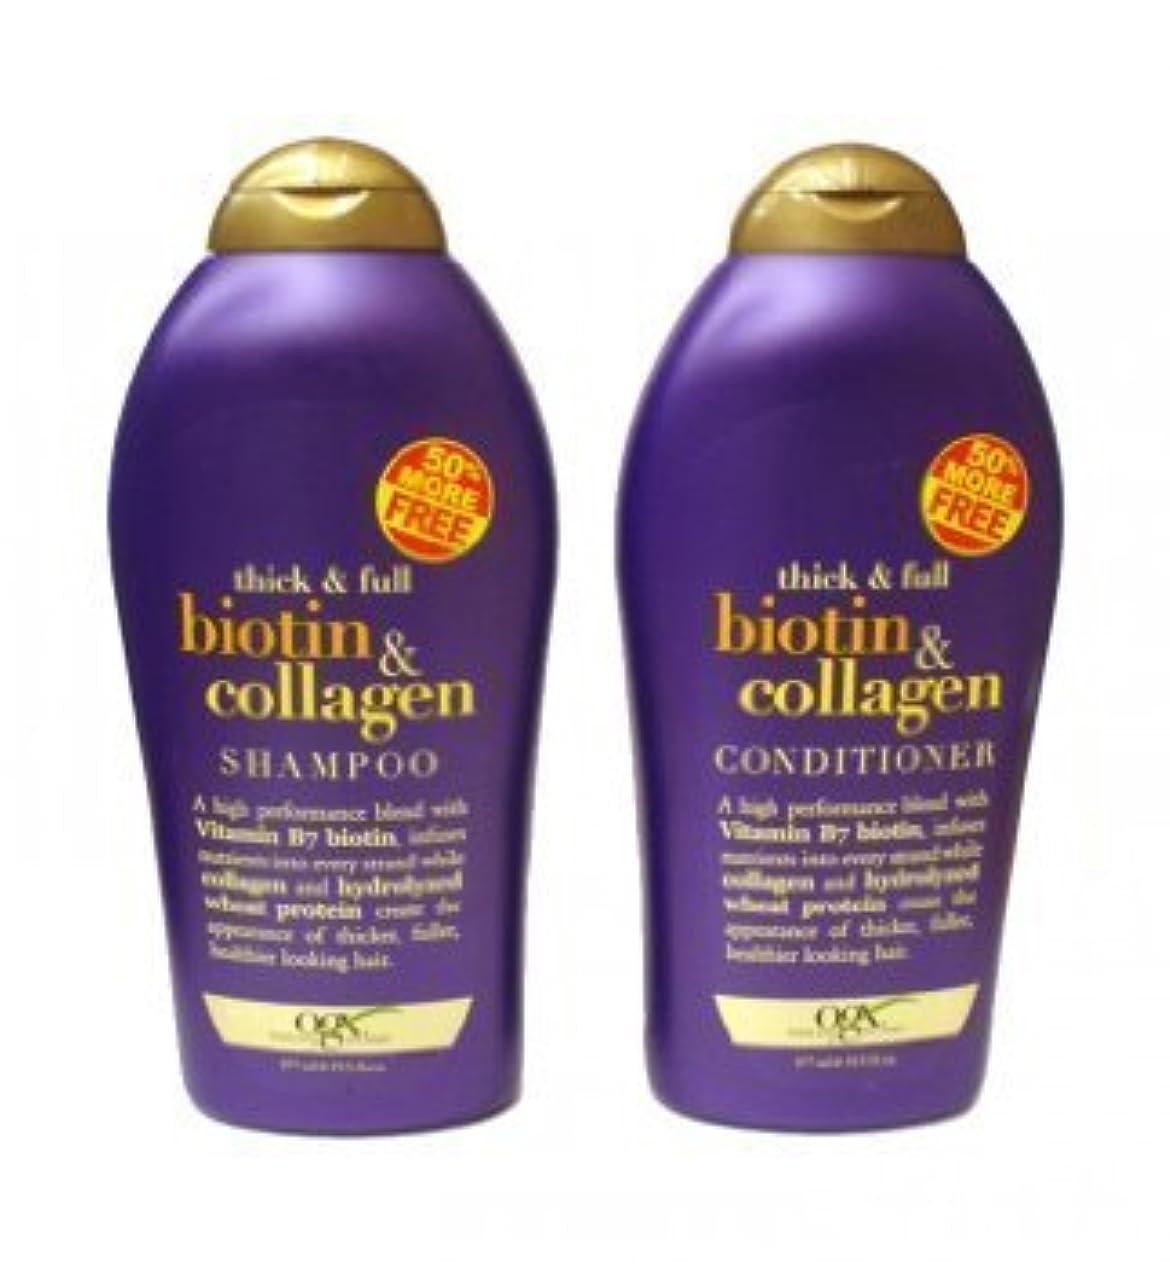 上院生まれメロンOGX (Thick & Full) Biotin & Collagen Shampoo 19.5oz + Conditioner 19.5oz Duo-Set [並行輸入品]